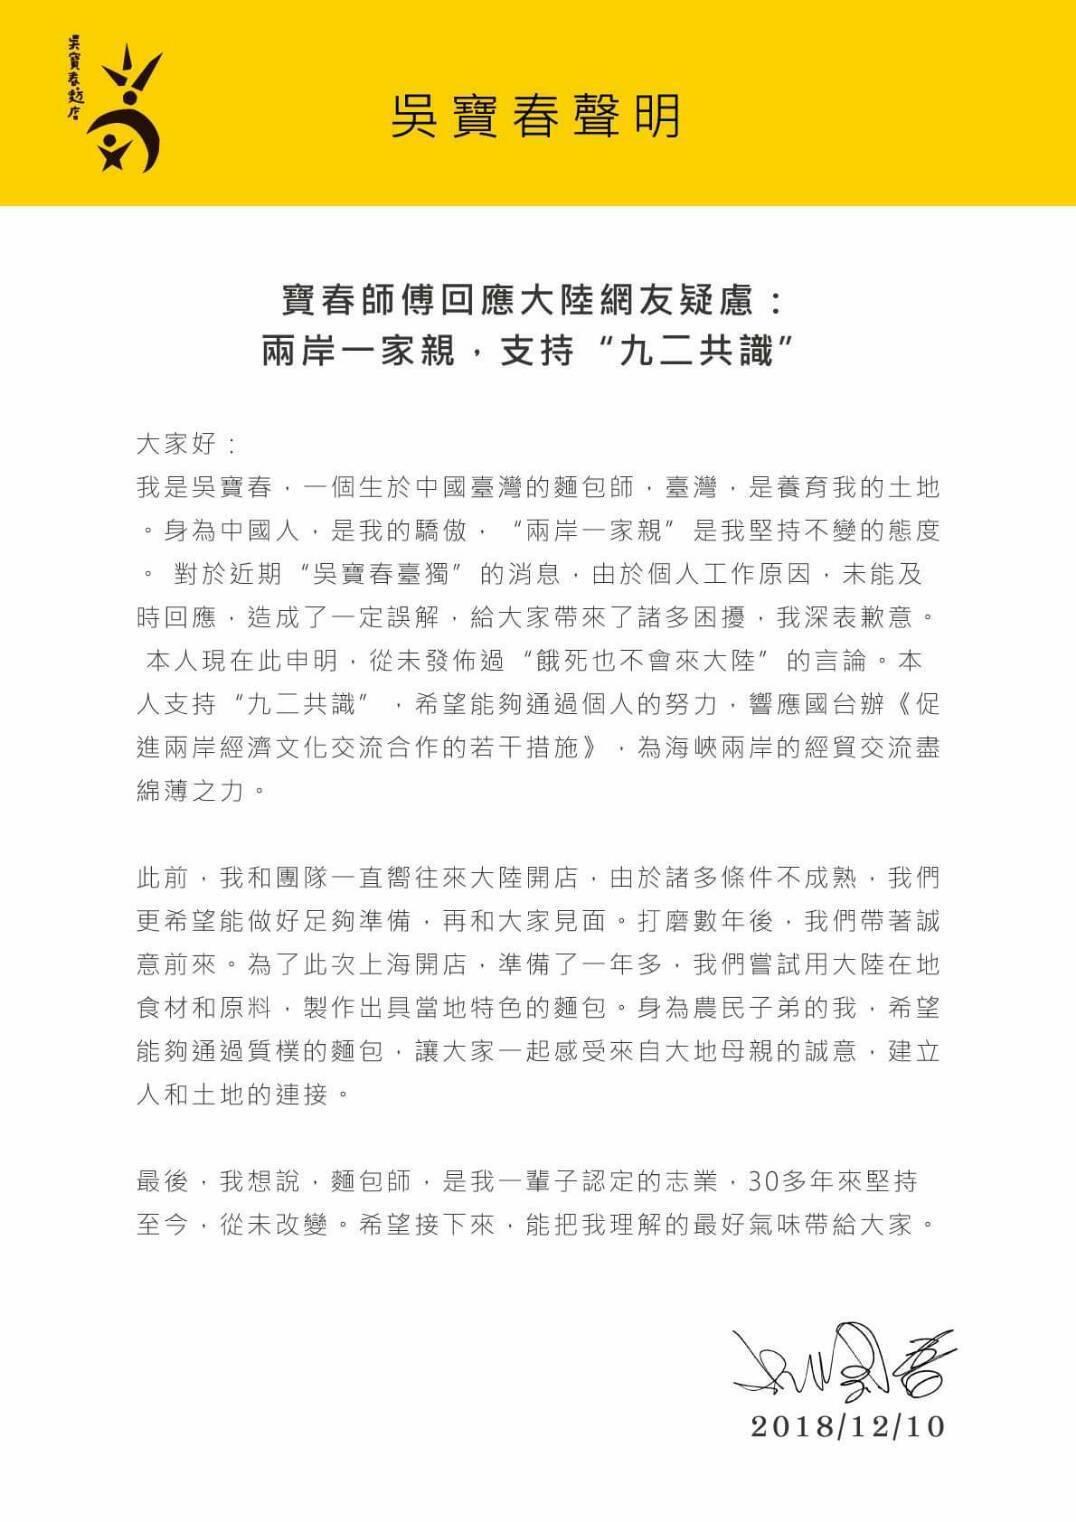 吳寶春稍早發出聲明,除了表態兩岸一家親外,強調自己驕傲身為中國人,並支持九二共識...